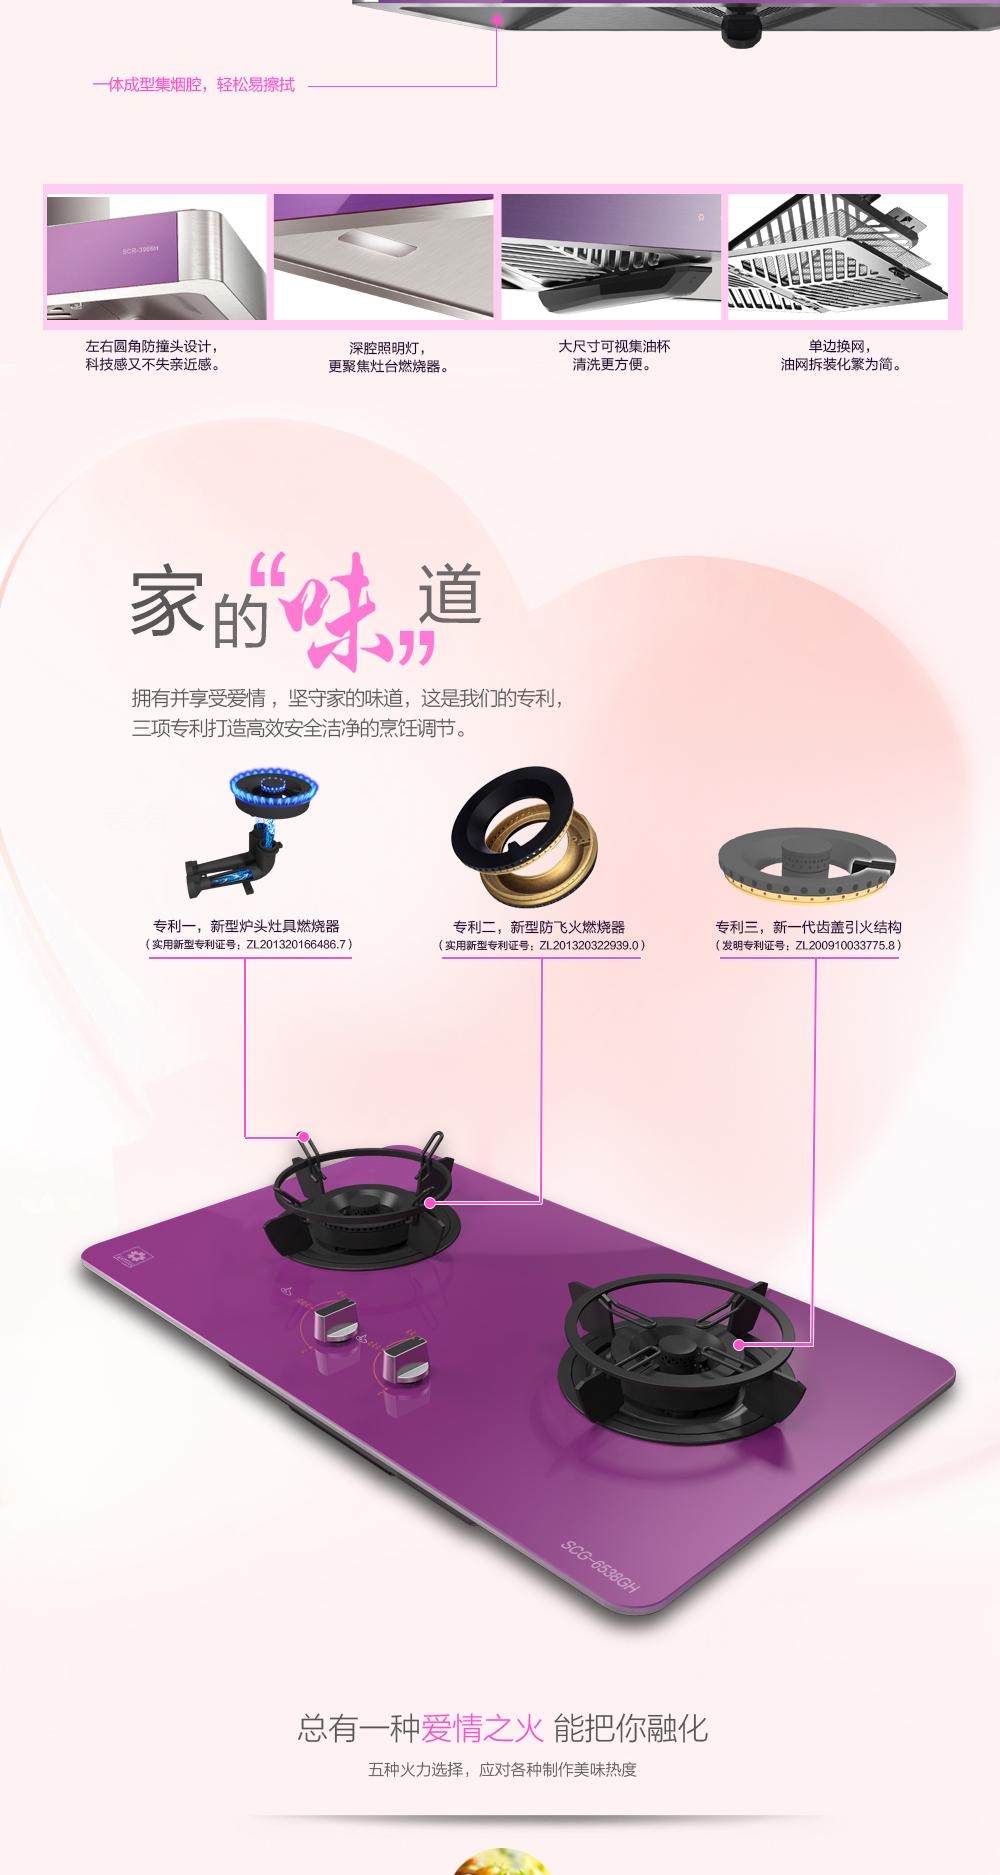 樱花浪漫紫水晶系列油烟机